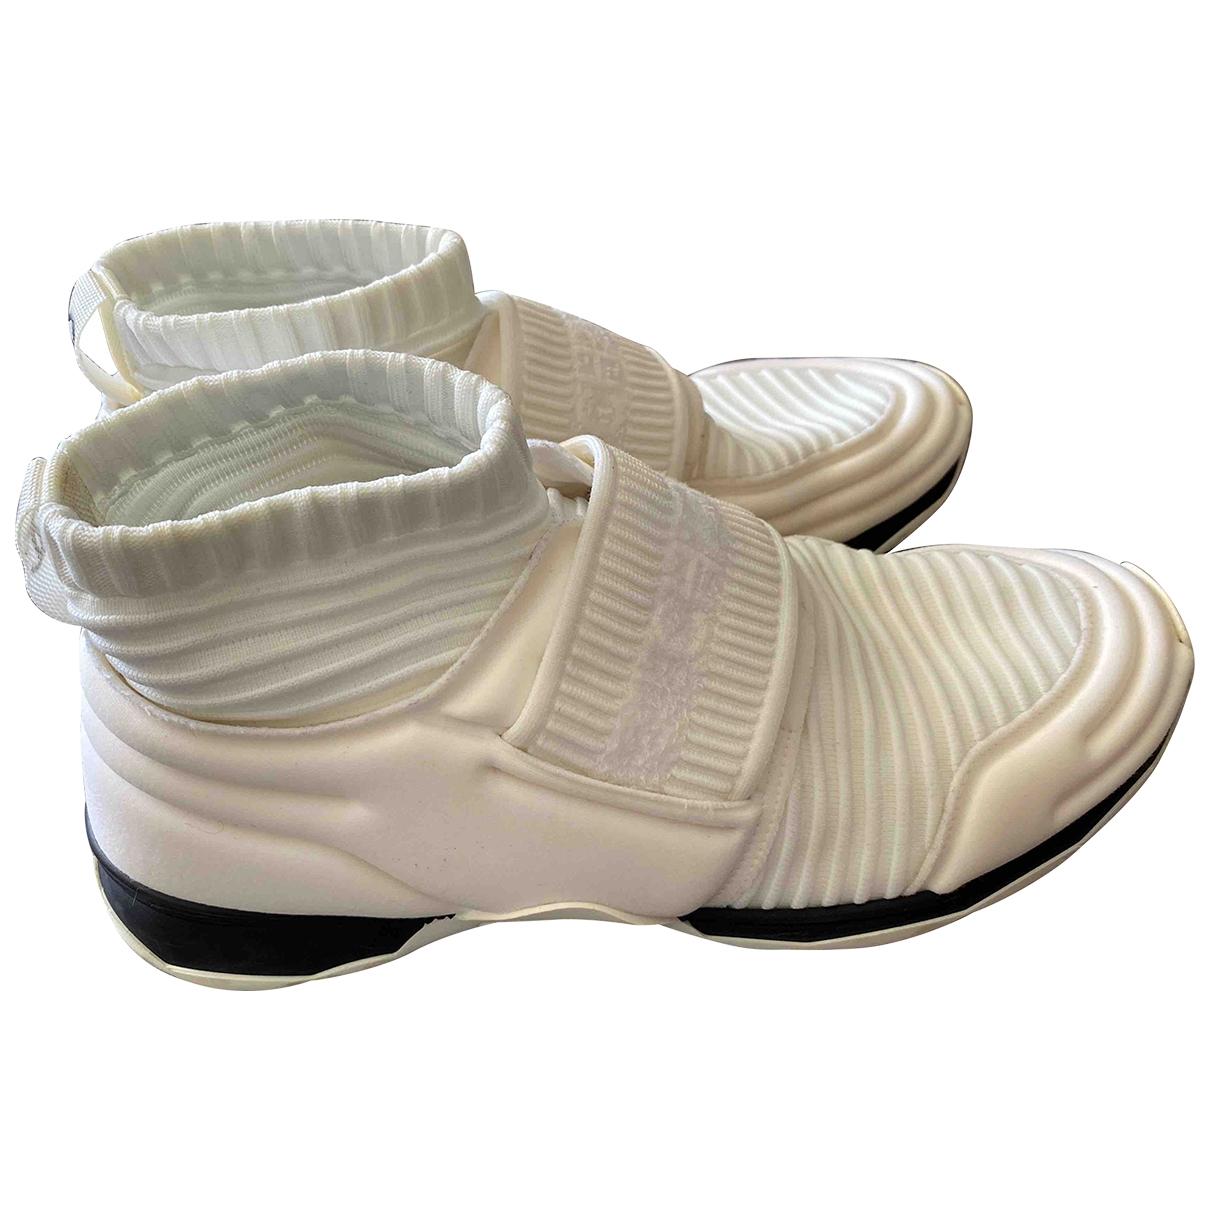 Chanel - Baskets   pour femme en toile - blanc